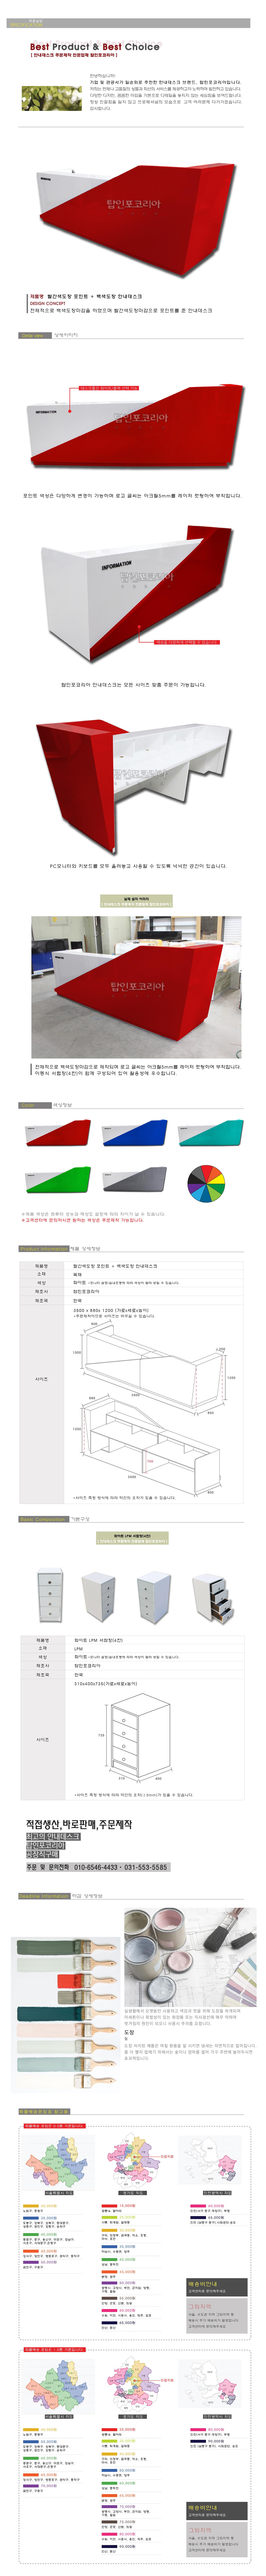 No360-빨간색도장포인트-마감+LPM-안내데스크-01.jpg